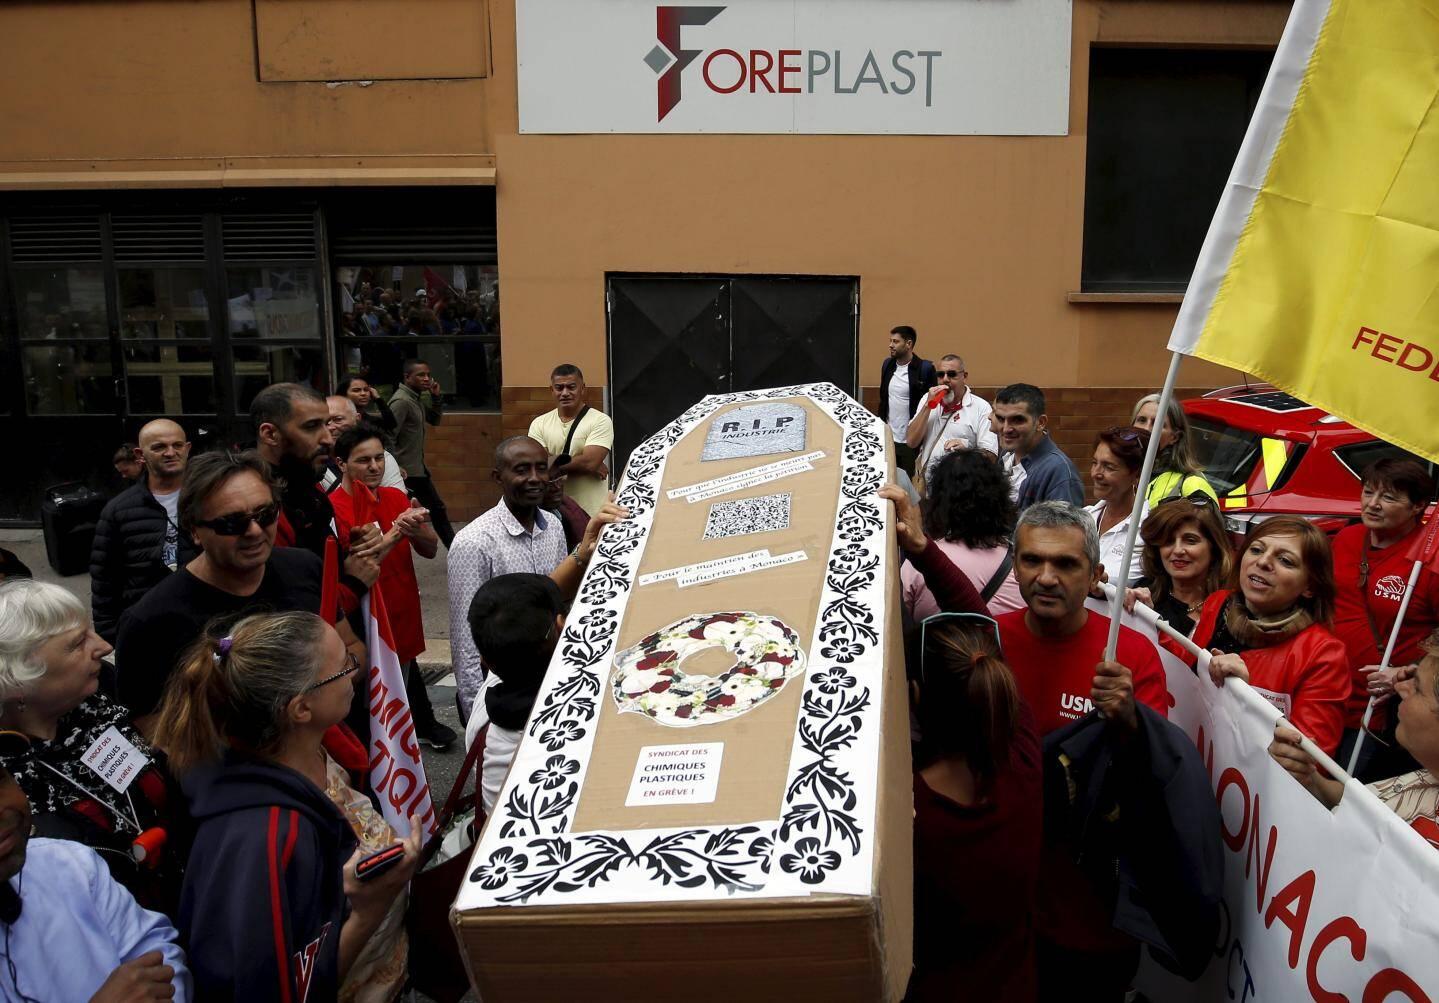 Le cortège s'est arrêté devant l'usine Foreplast, au cœur d'un conflit social cet été. Ils ont déposé un cercueil représentant l'industrie monégasque.